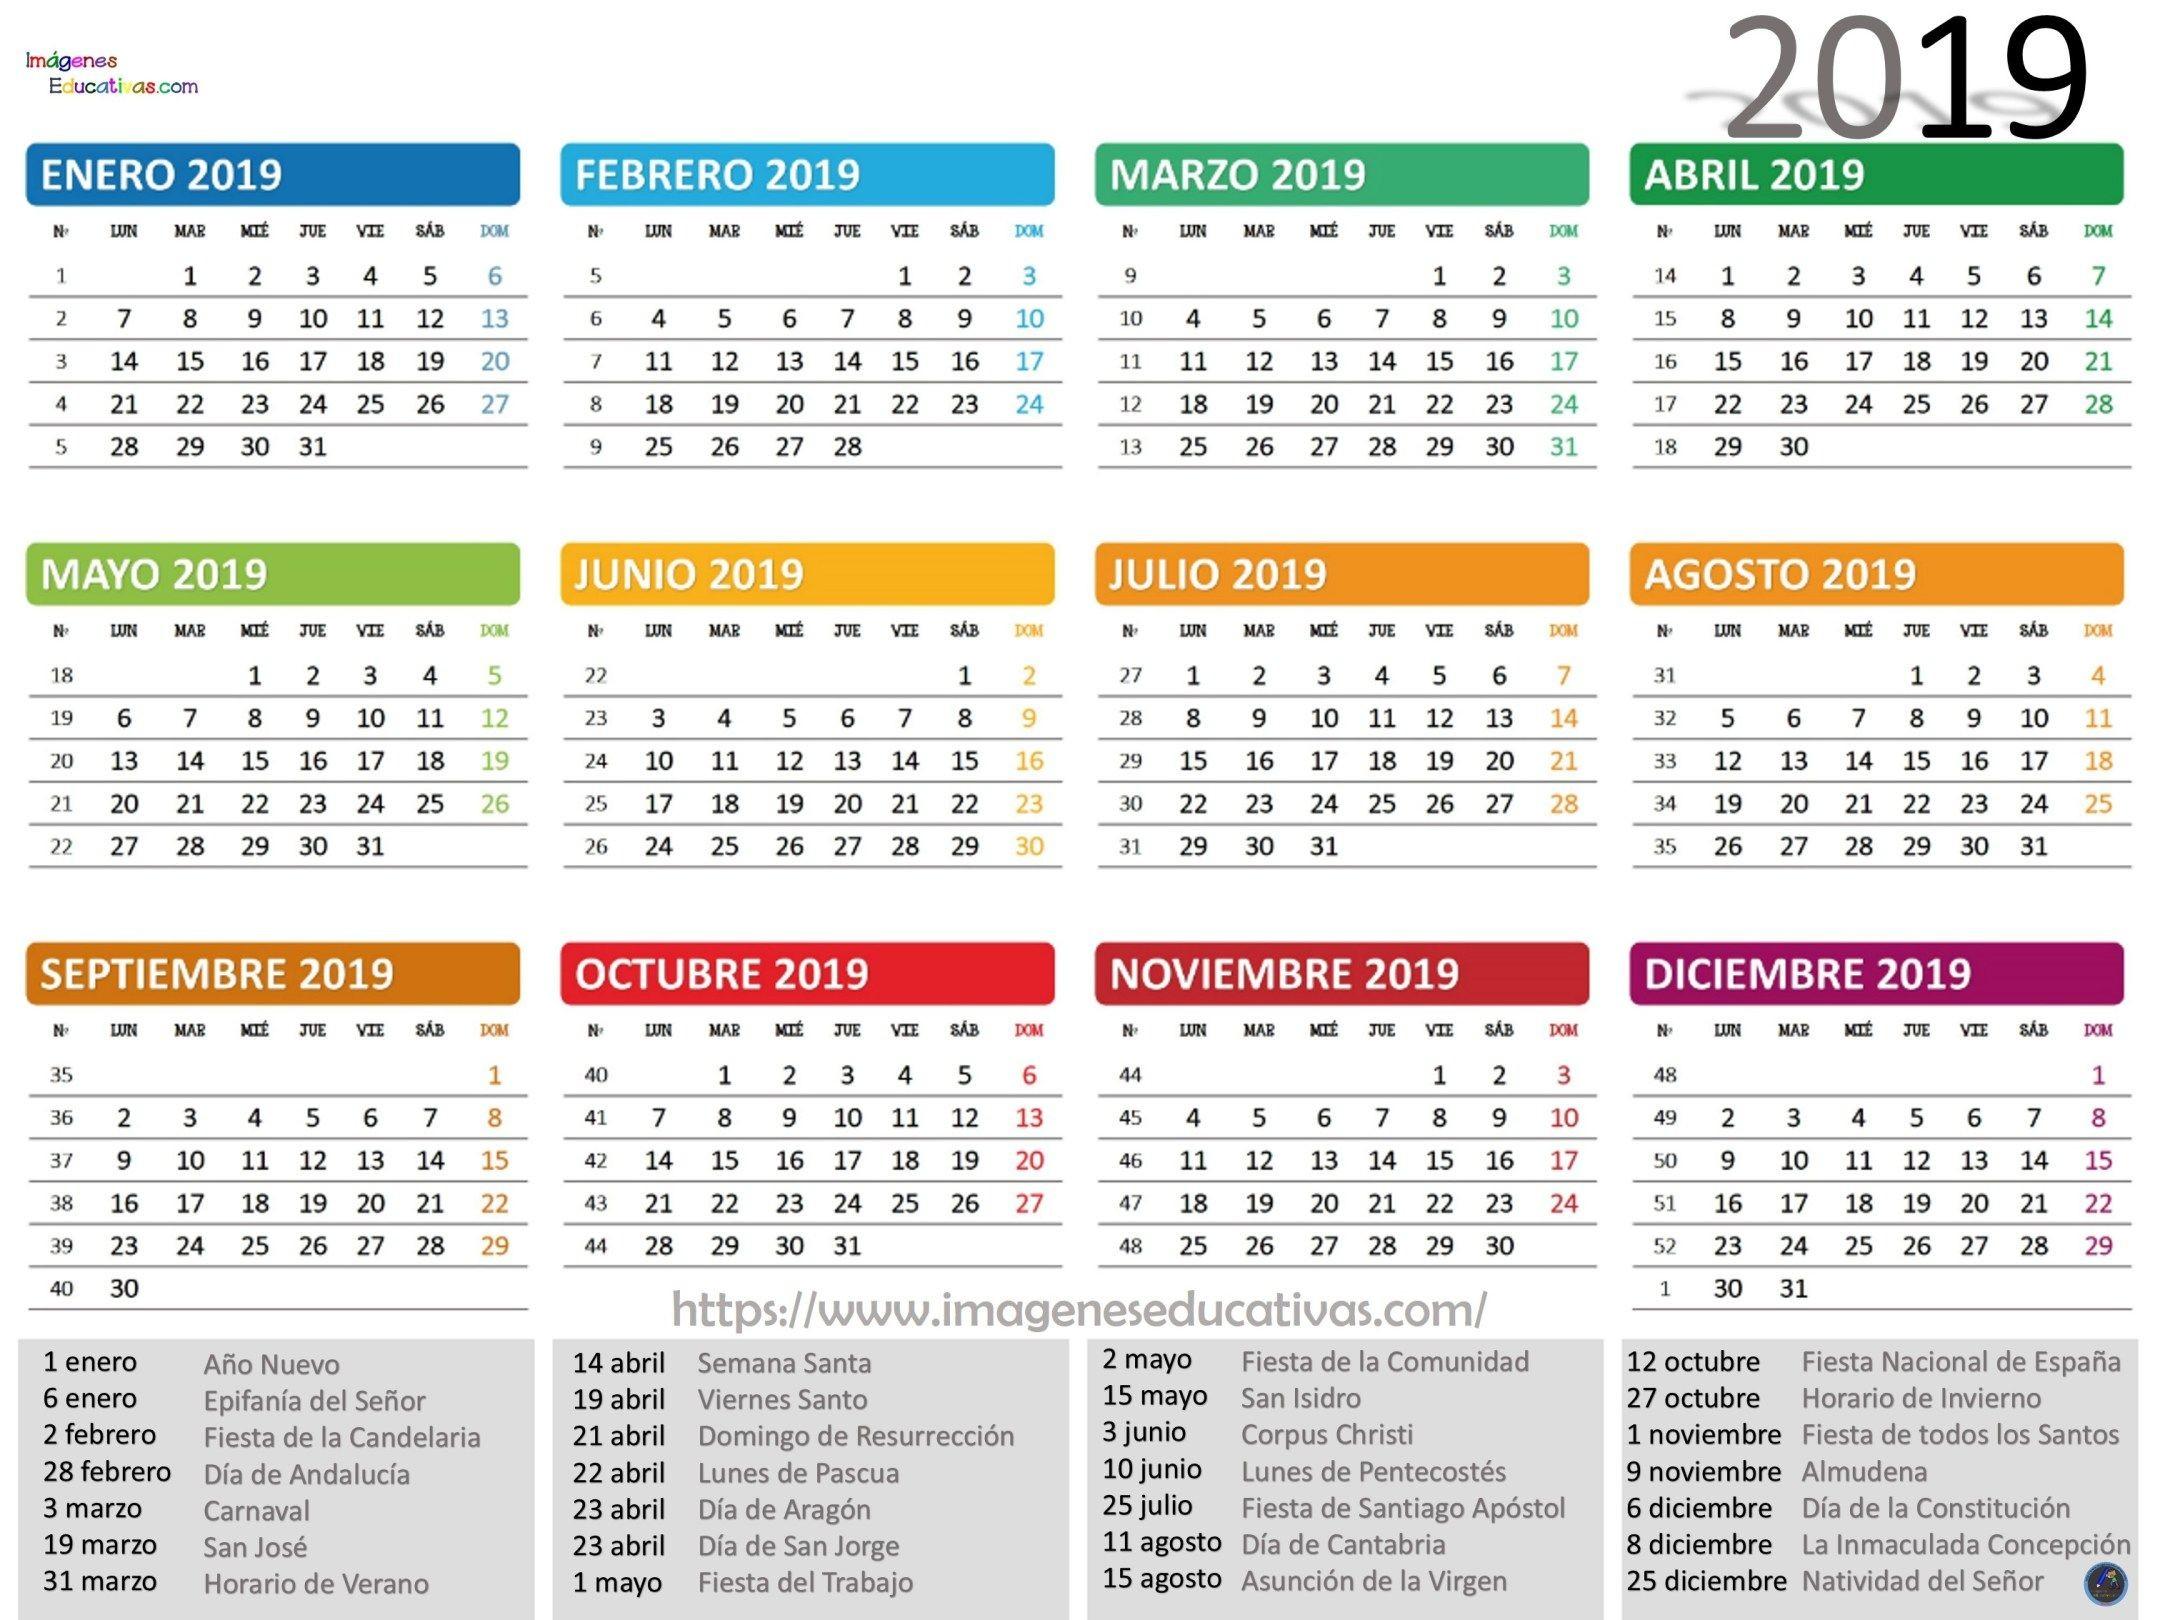 Colecci³n de calendarios 2019 Gran Formato Listos para descargar e imprimir Imagenes Educativas